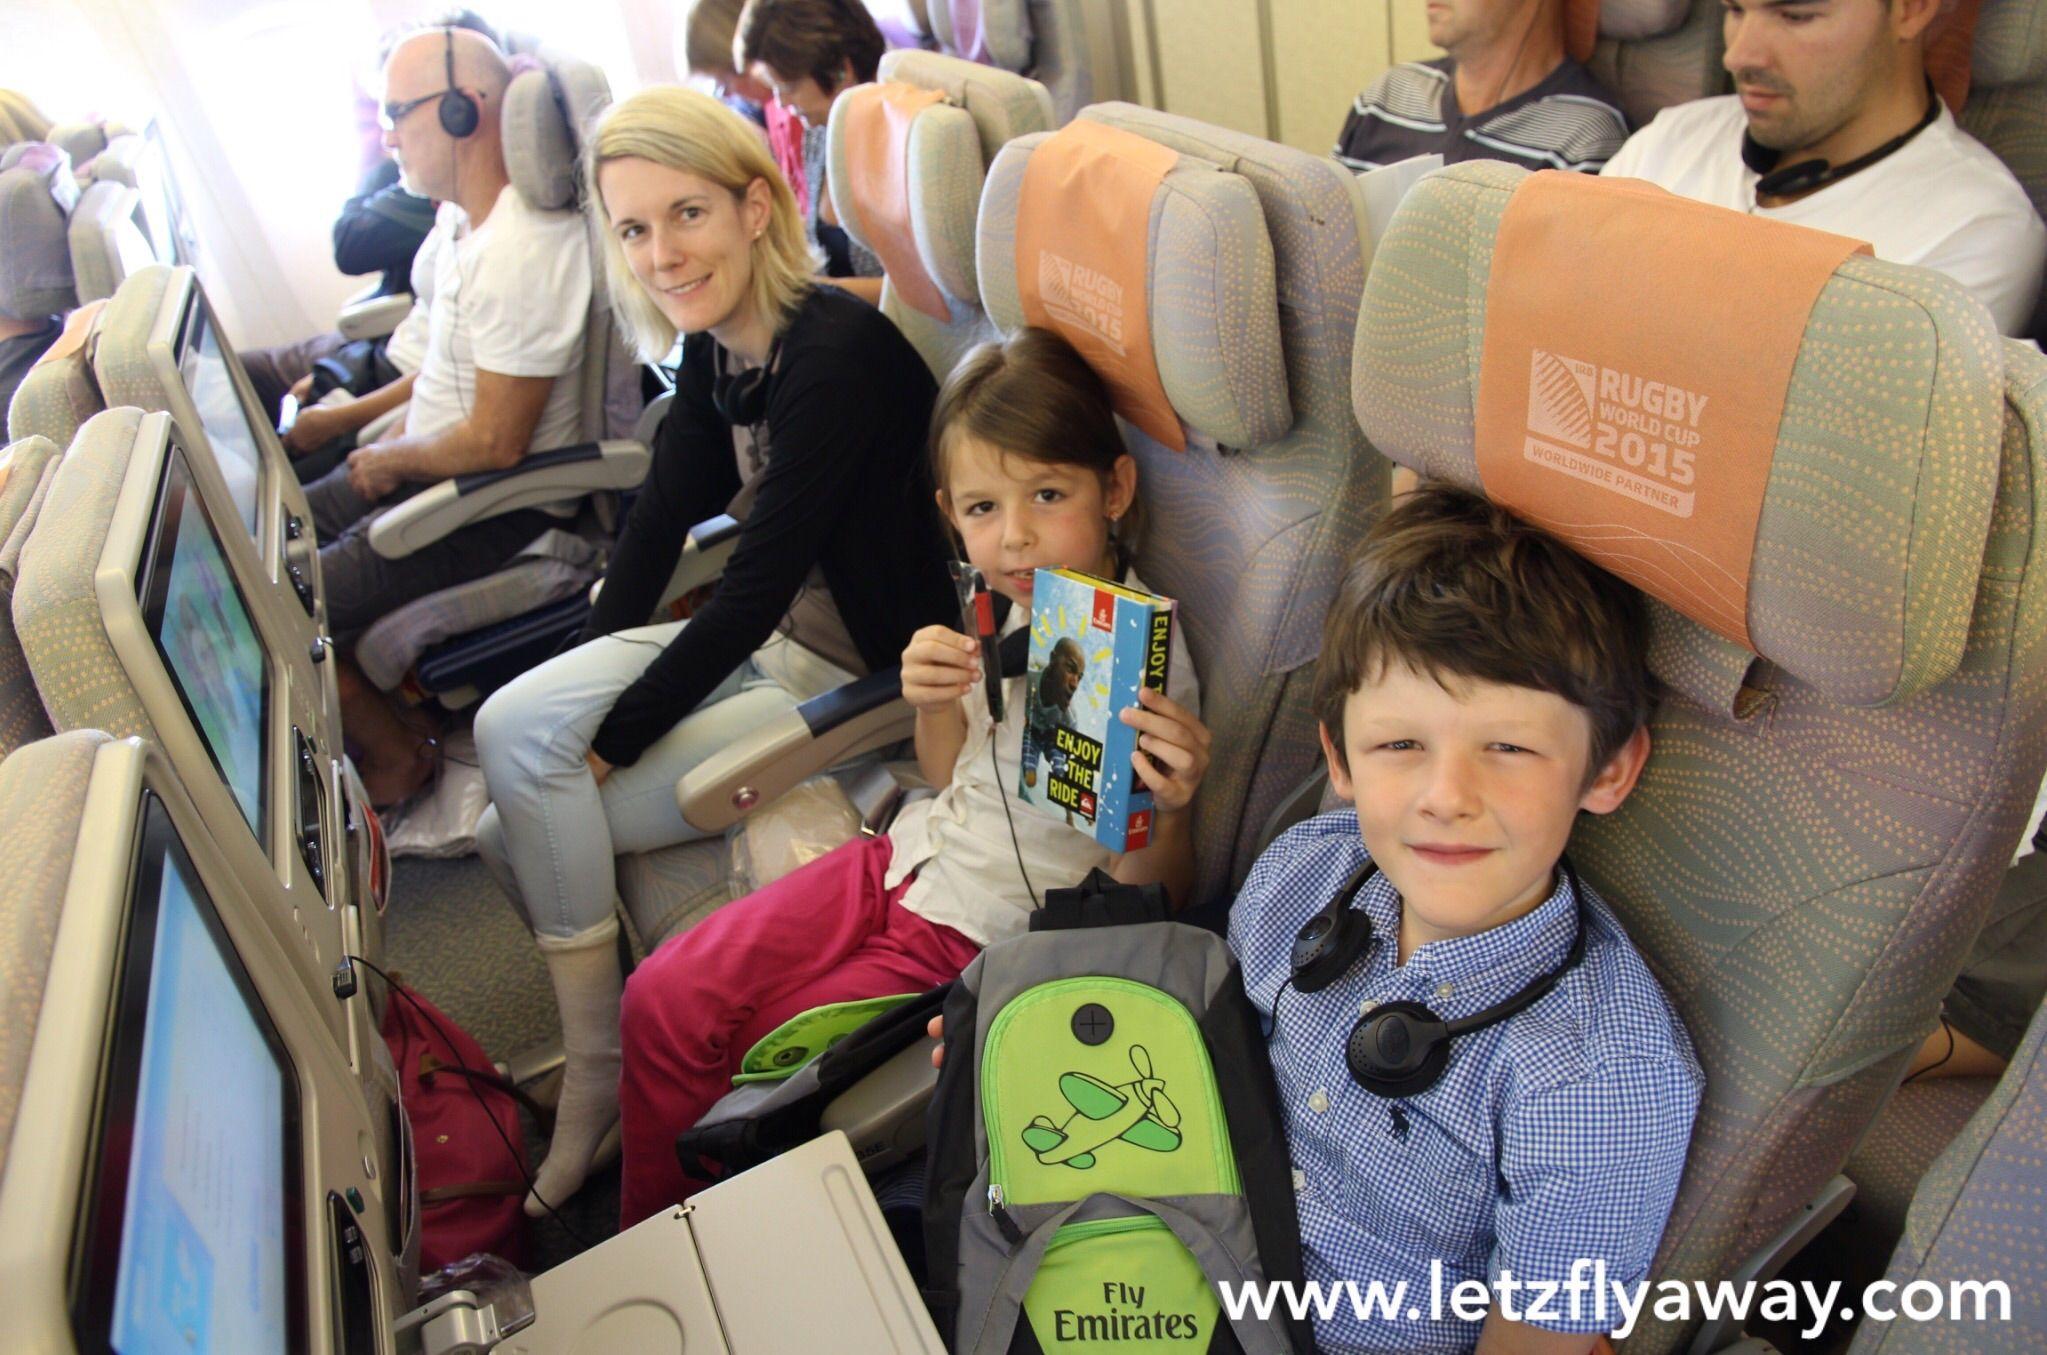 Emirates Economy Class Flight Review Airline economy